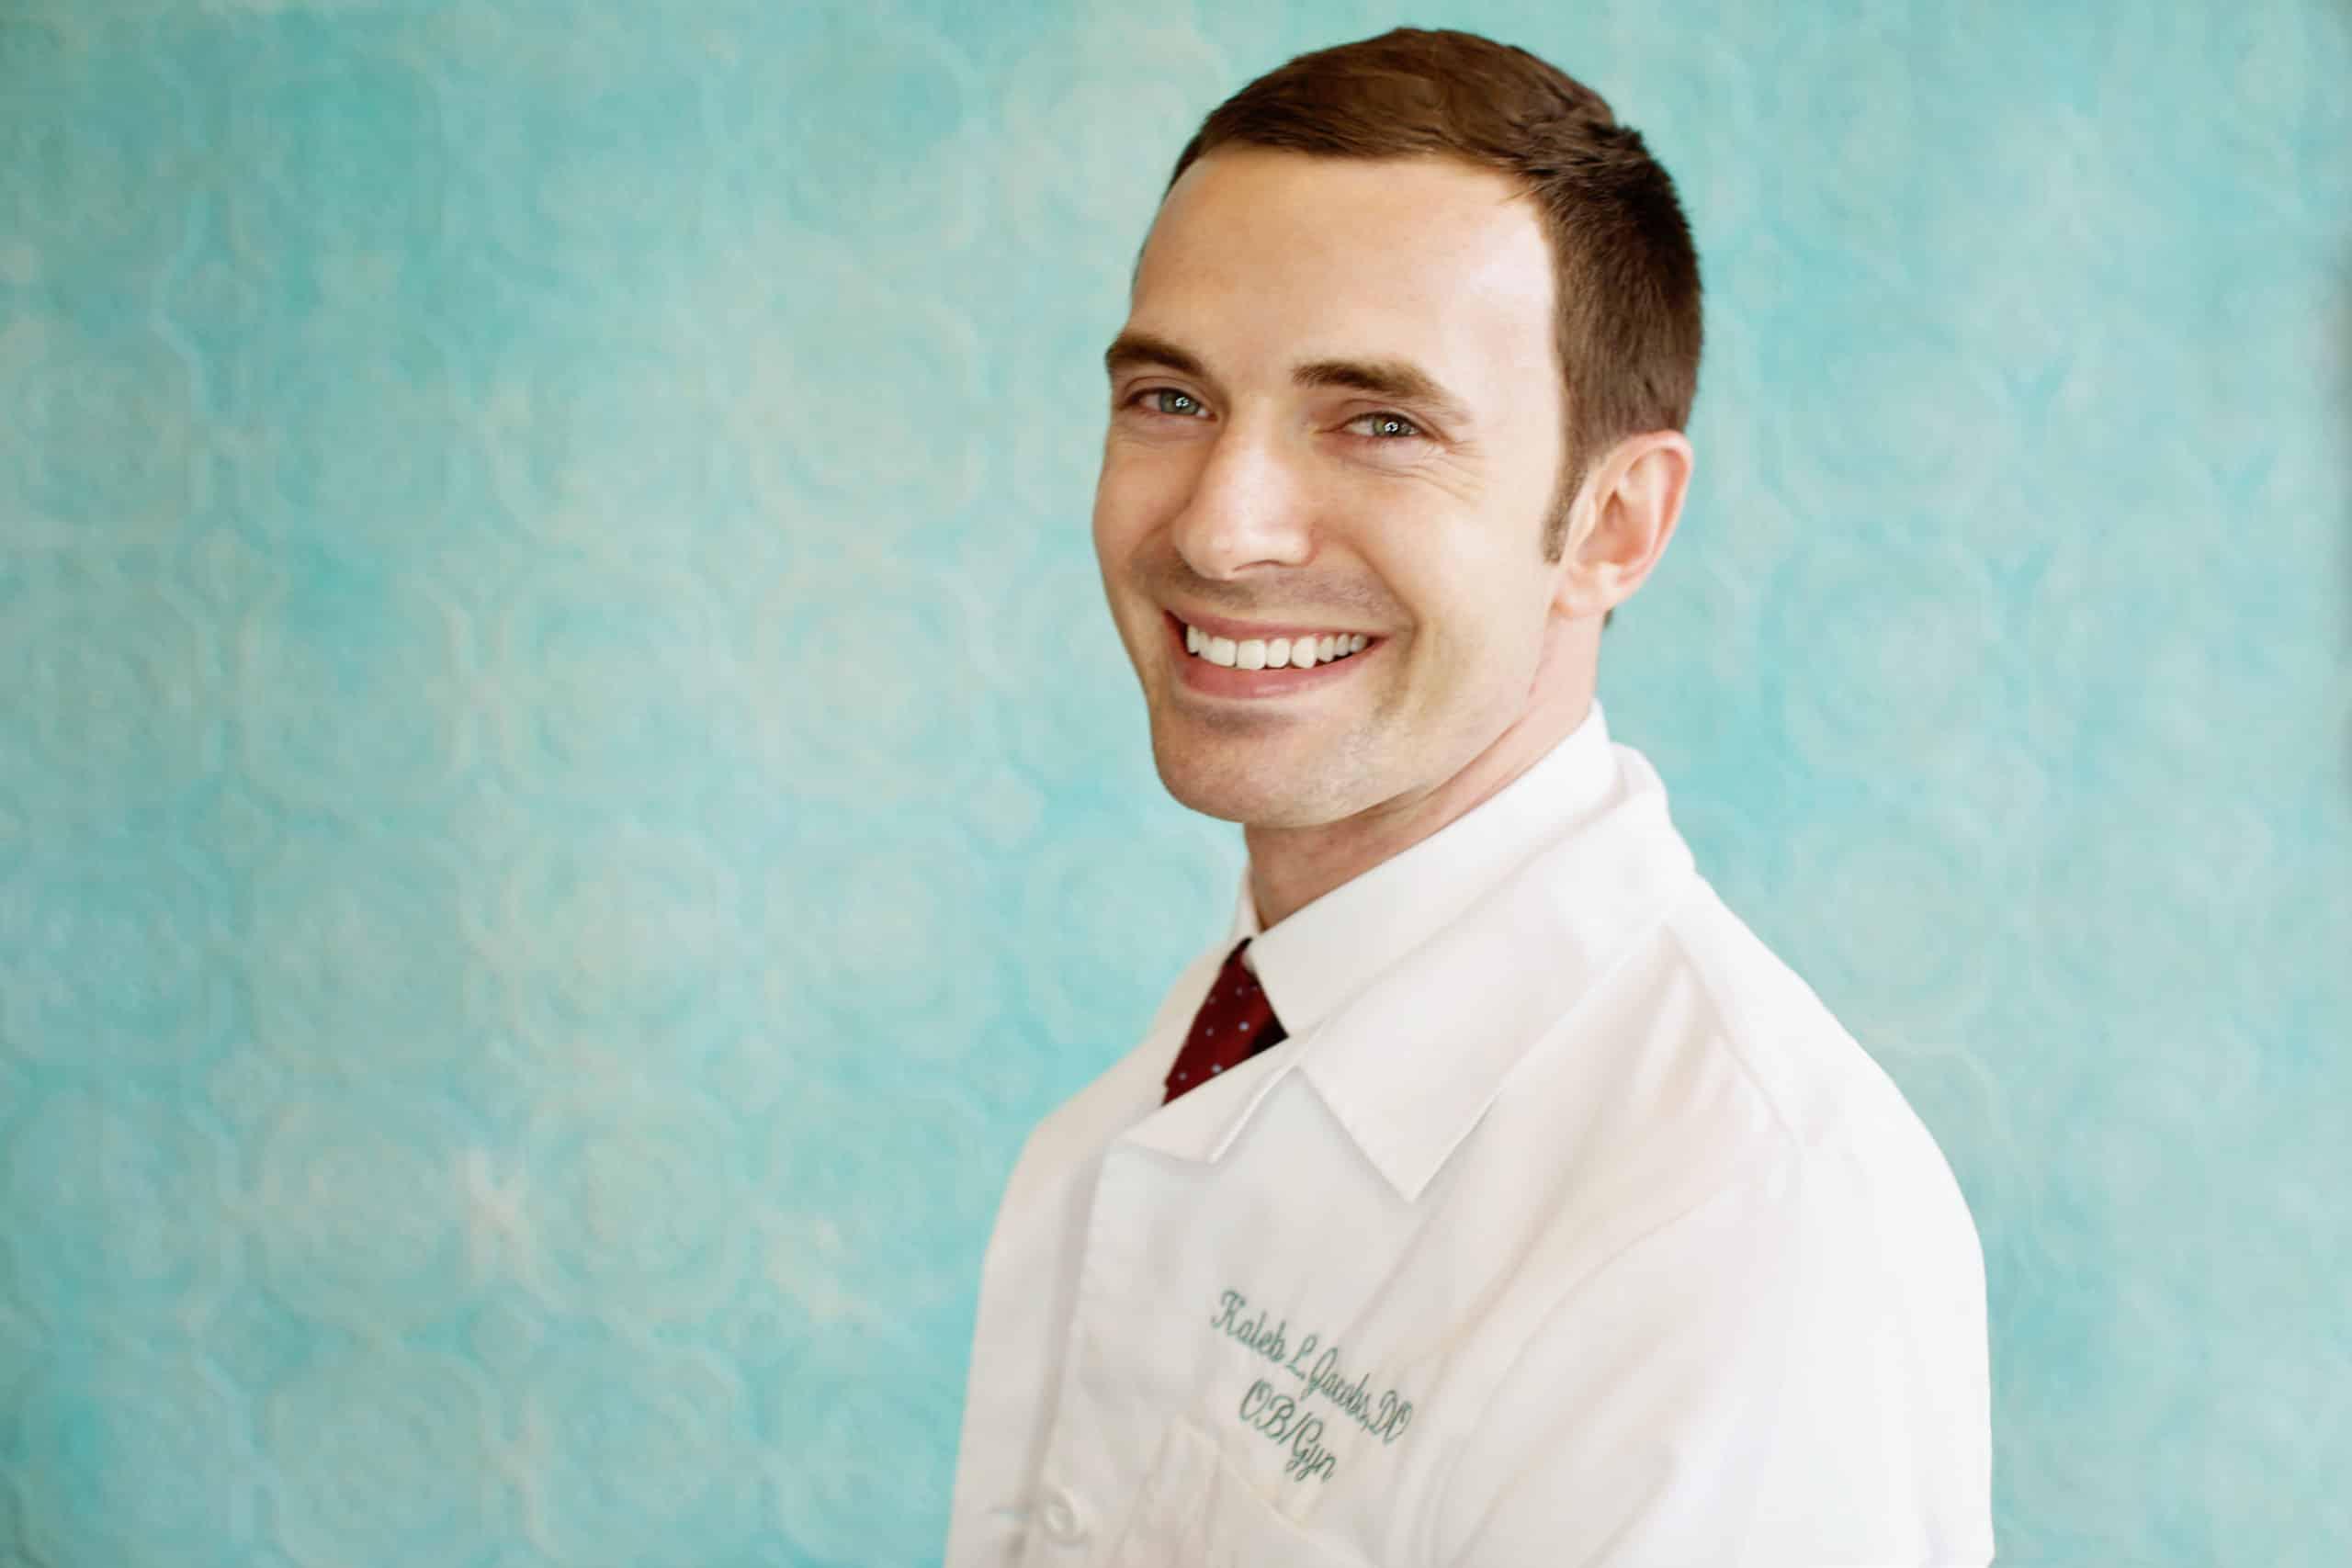 Dr. Kaleb Jacobs